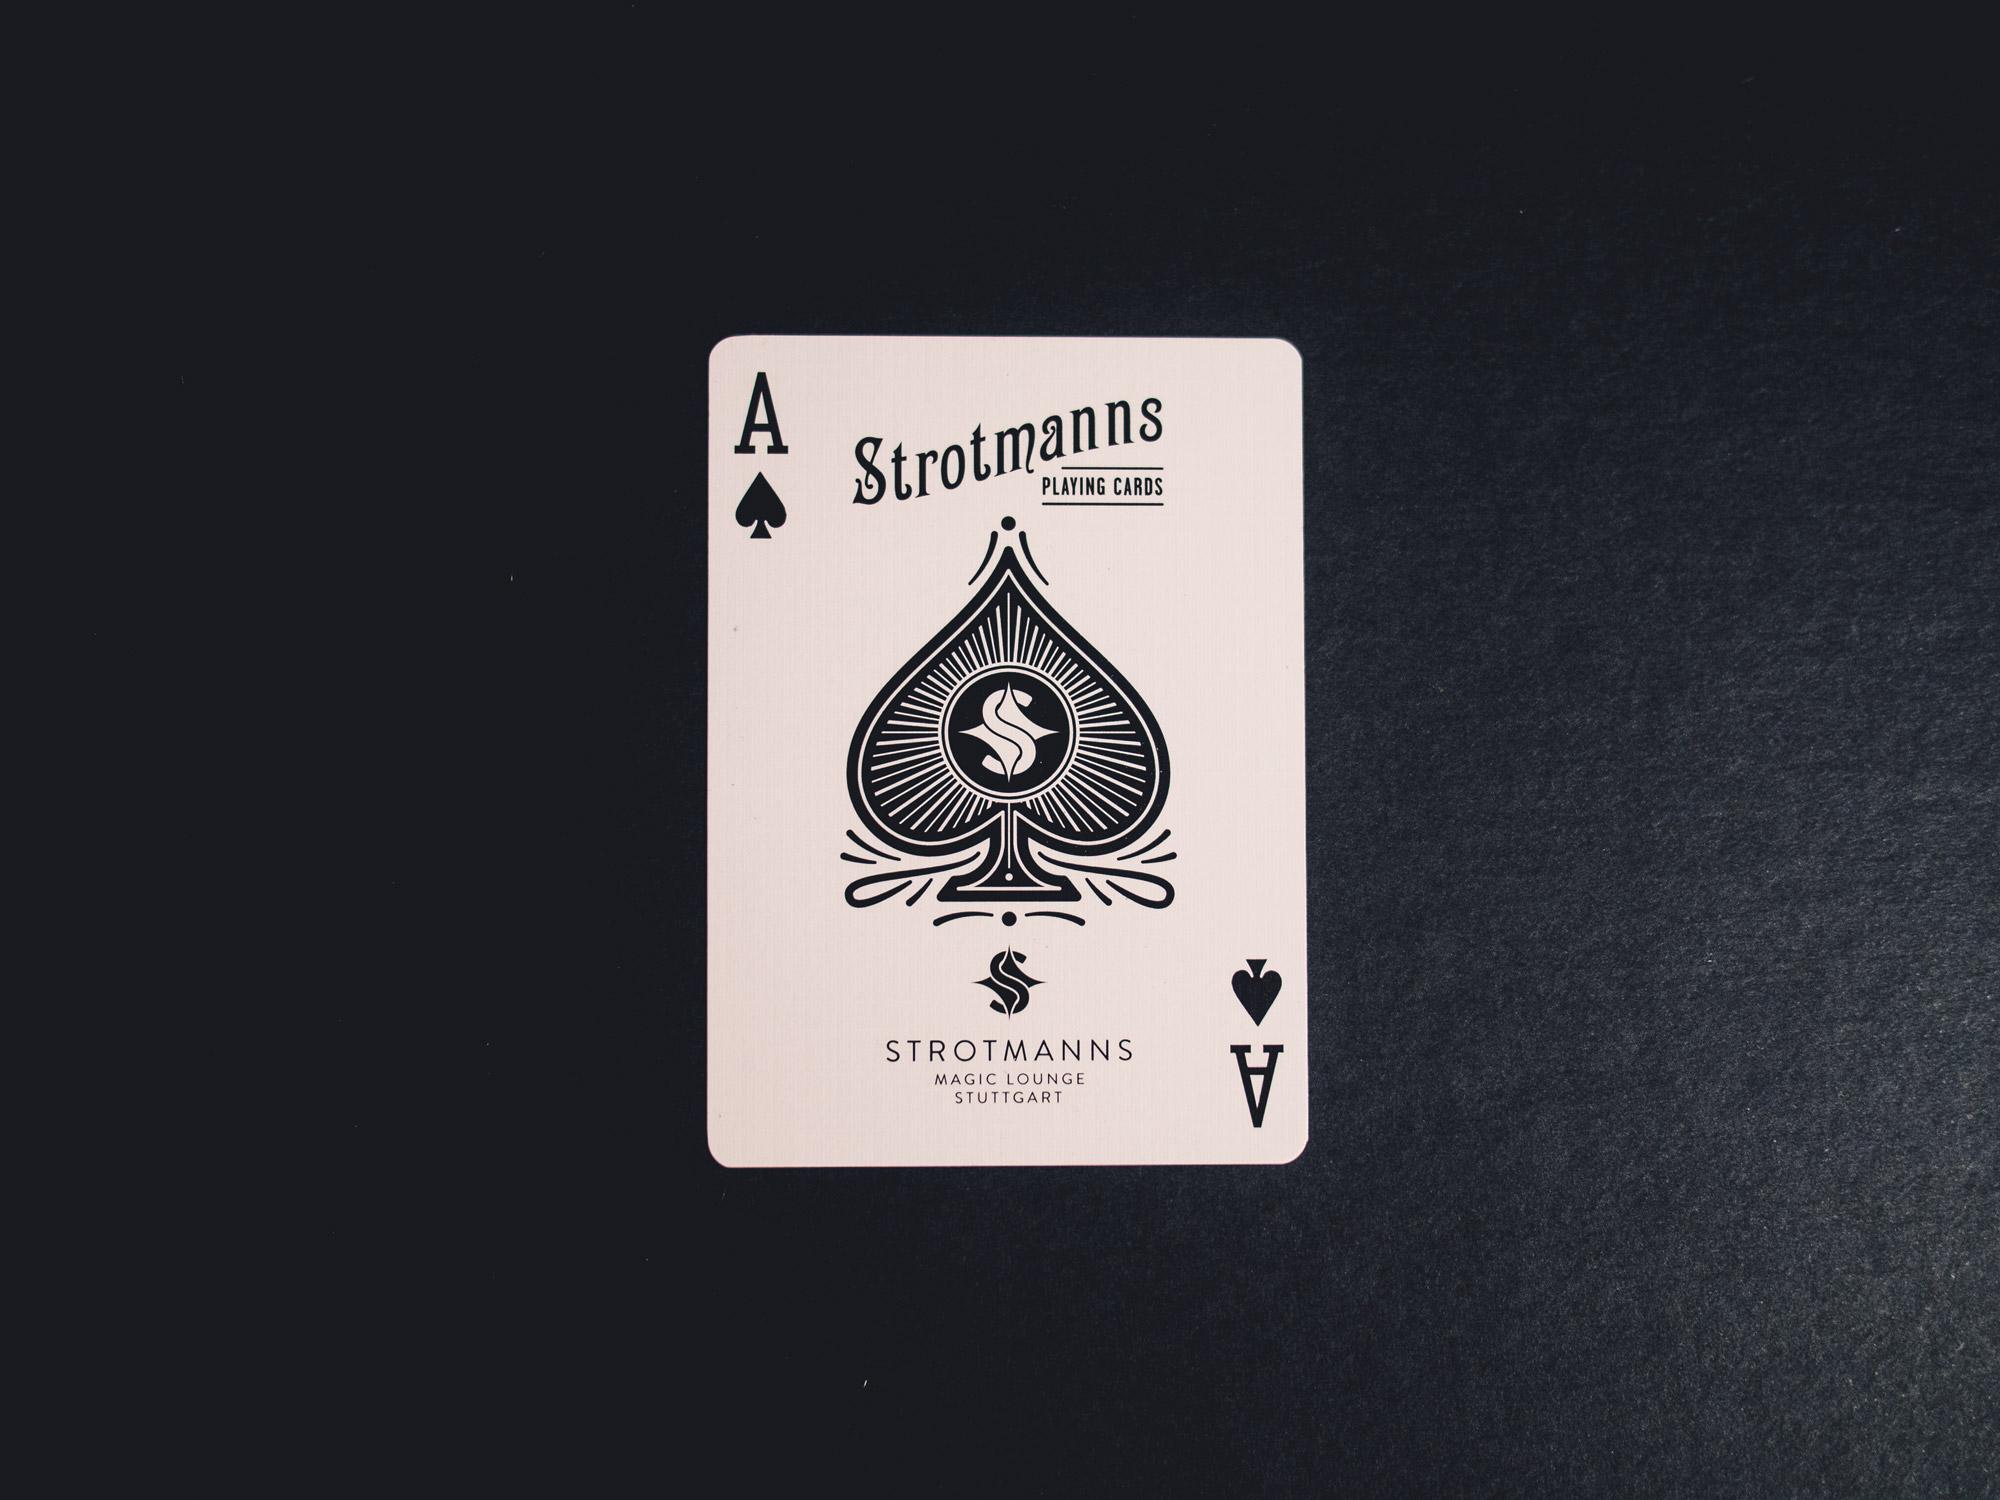 Man sieht das Pik Ass aus dem Spielkarten-Set der Strotmanns Magic Lounge. Das Design ist gestalterisch an klassische amerikanische Poker-Playingcards angelehnt und von MAJORMAJOR aus Stuttgart.